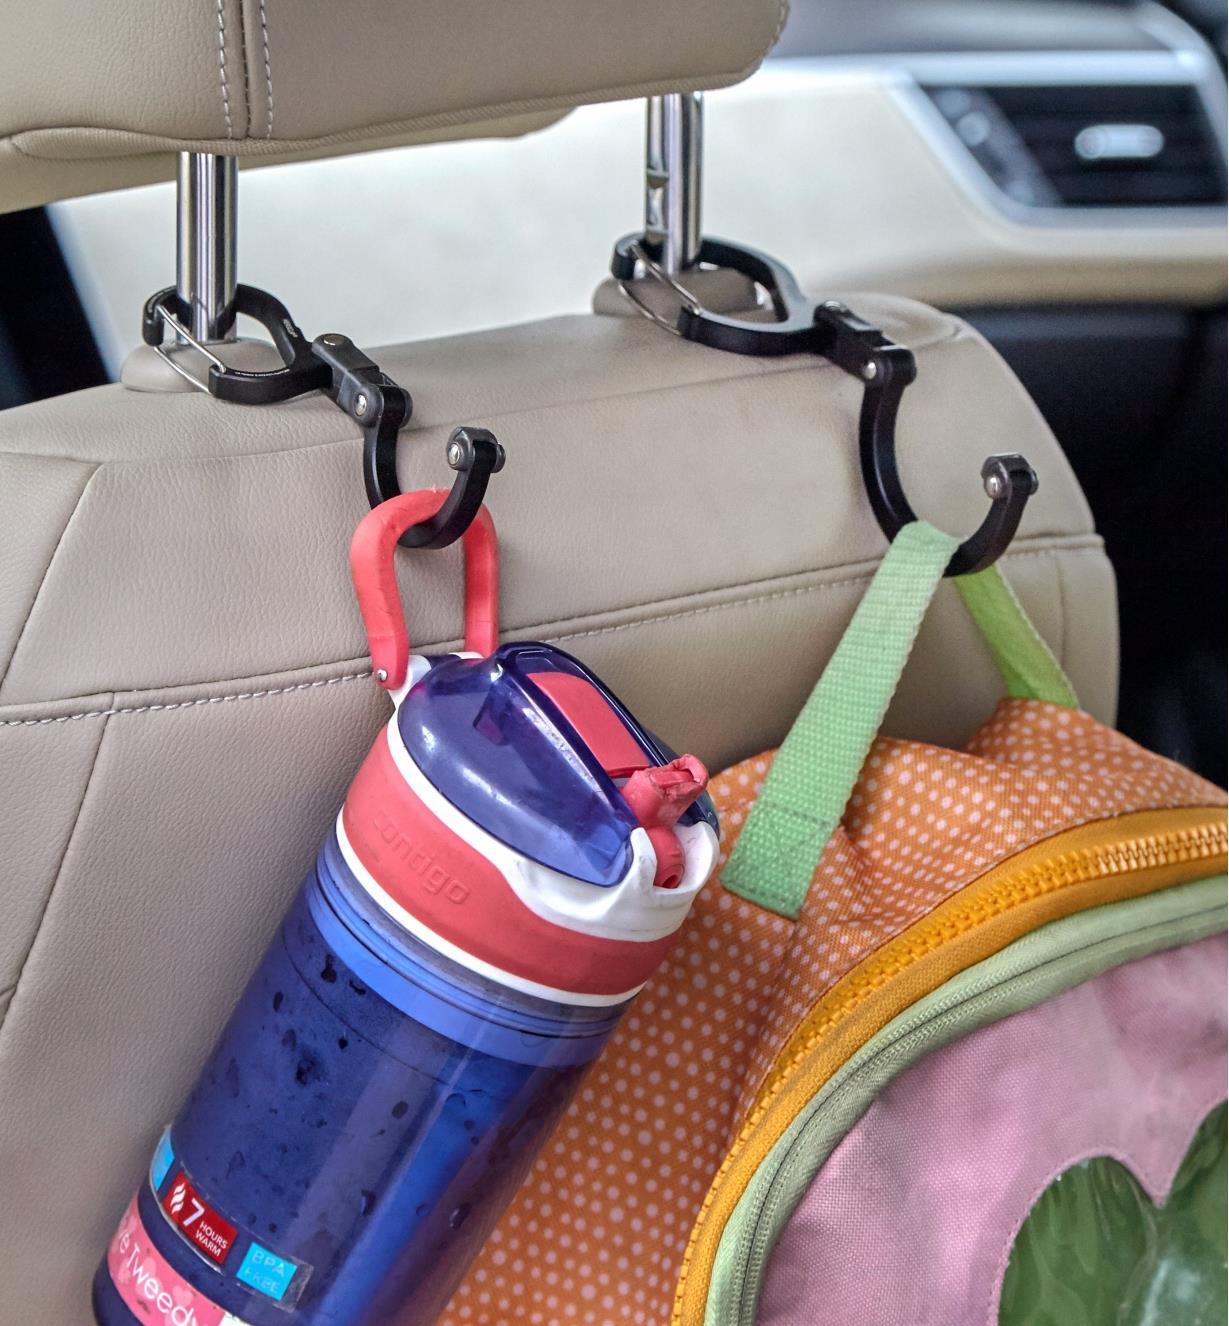 Deux mousquetons à crochet Heroclip servant à suspendre une gourde et un sac à dos à l'appui-tête d'un siège de voiture